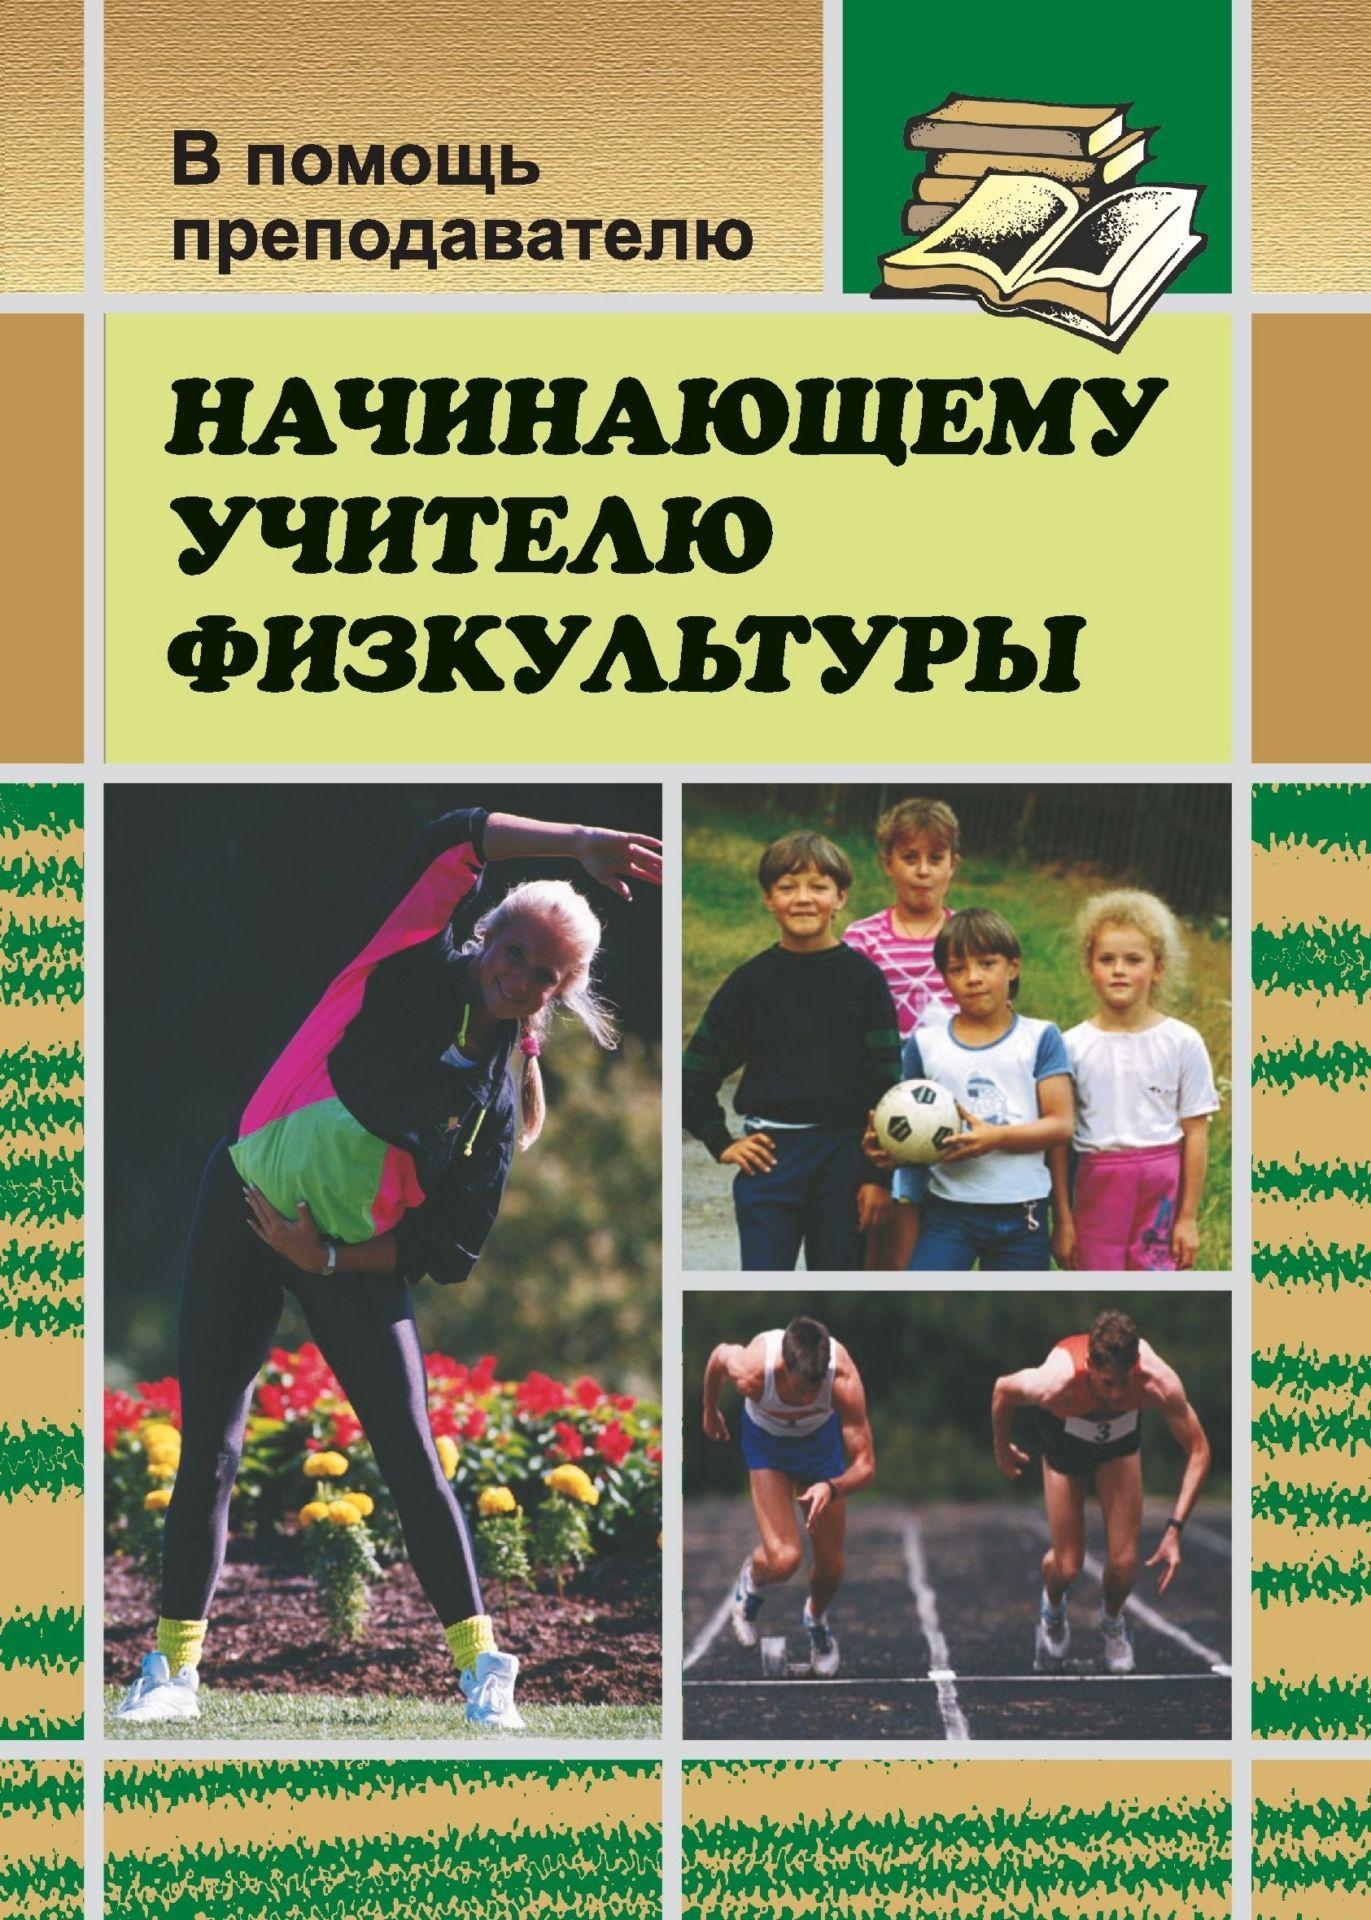 Начинающему учителю физкультурыПредметы<br>Книга предназначена учителям физкультуры начального и среднего образования, вожатым, работникам просвещения.<br><br>Авторы: Видякин М. В.<br>Год: 2004<br>Серия: В помощь преподавателю<br>ISBN: 5-7057-0414-3<br>Высота: 200<br>Ширина: 138<br>Толщина: 6